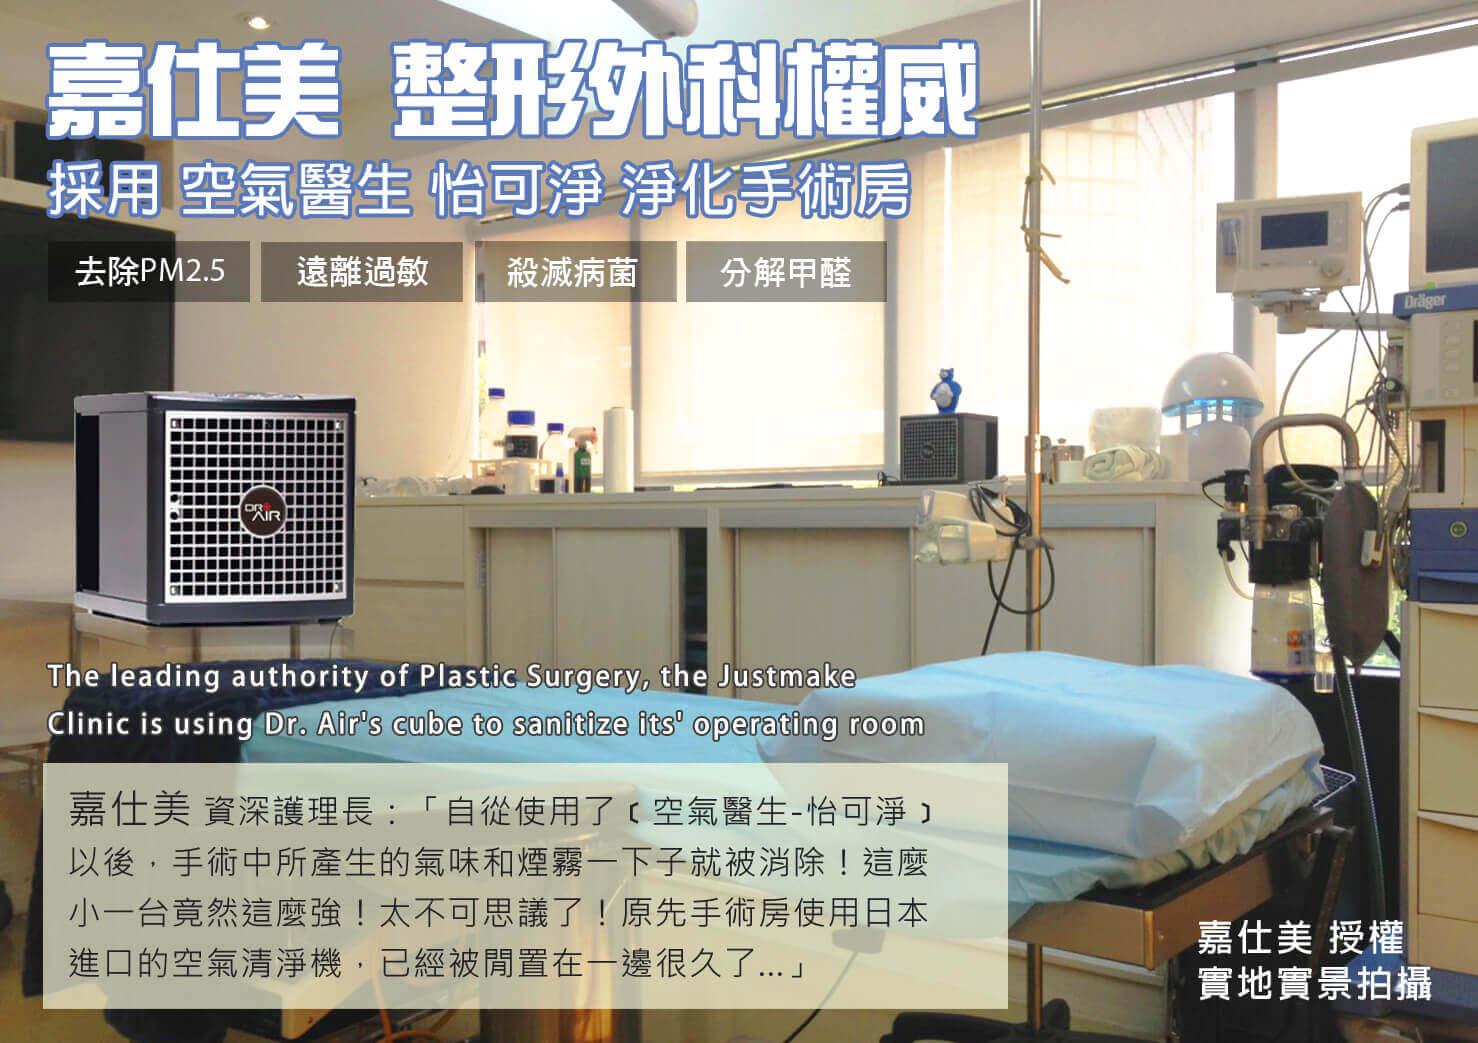 嘉仕美整形外科採用天邁DR.AIR空氣醫生怡可淨來淨化手術房